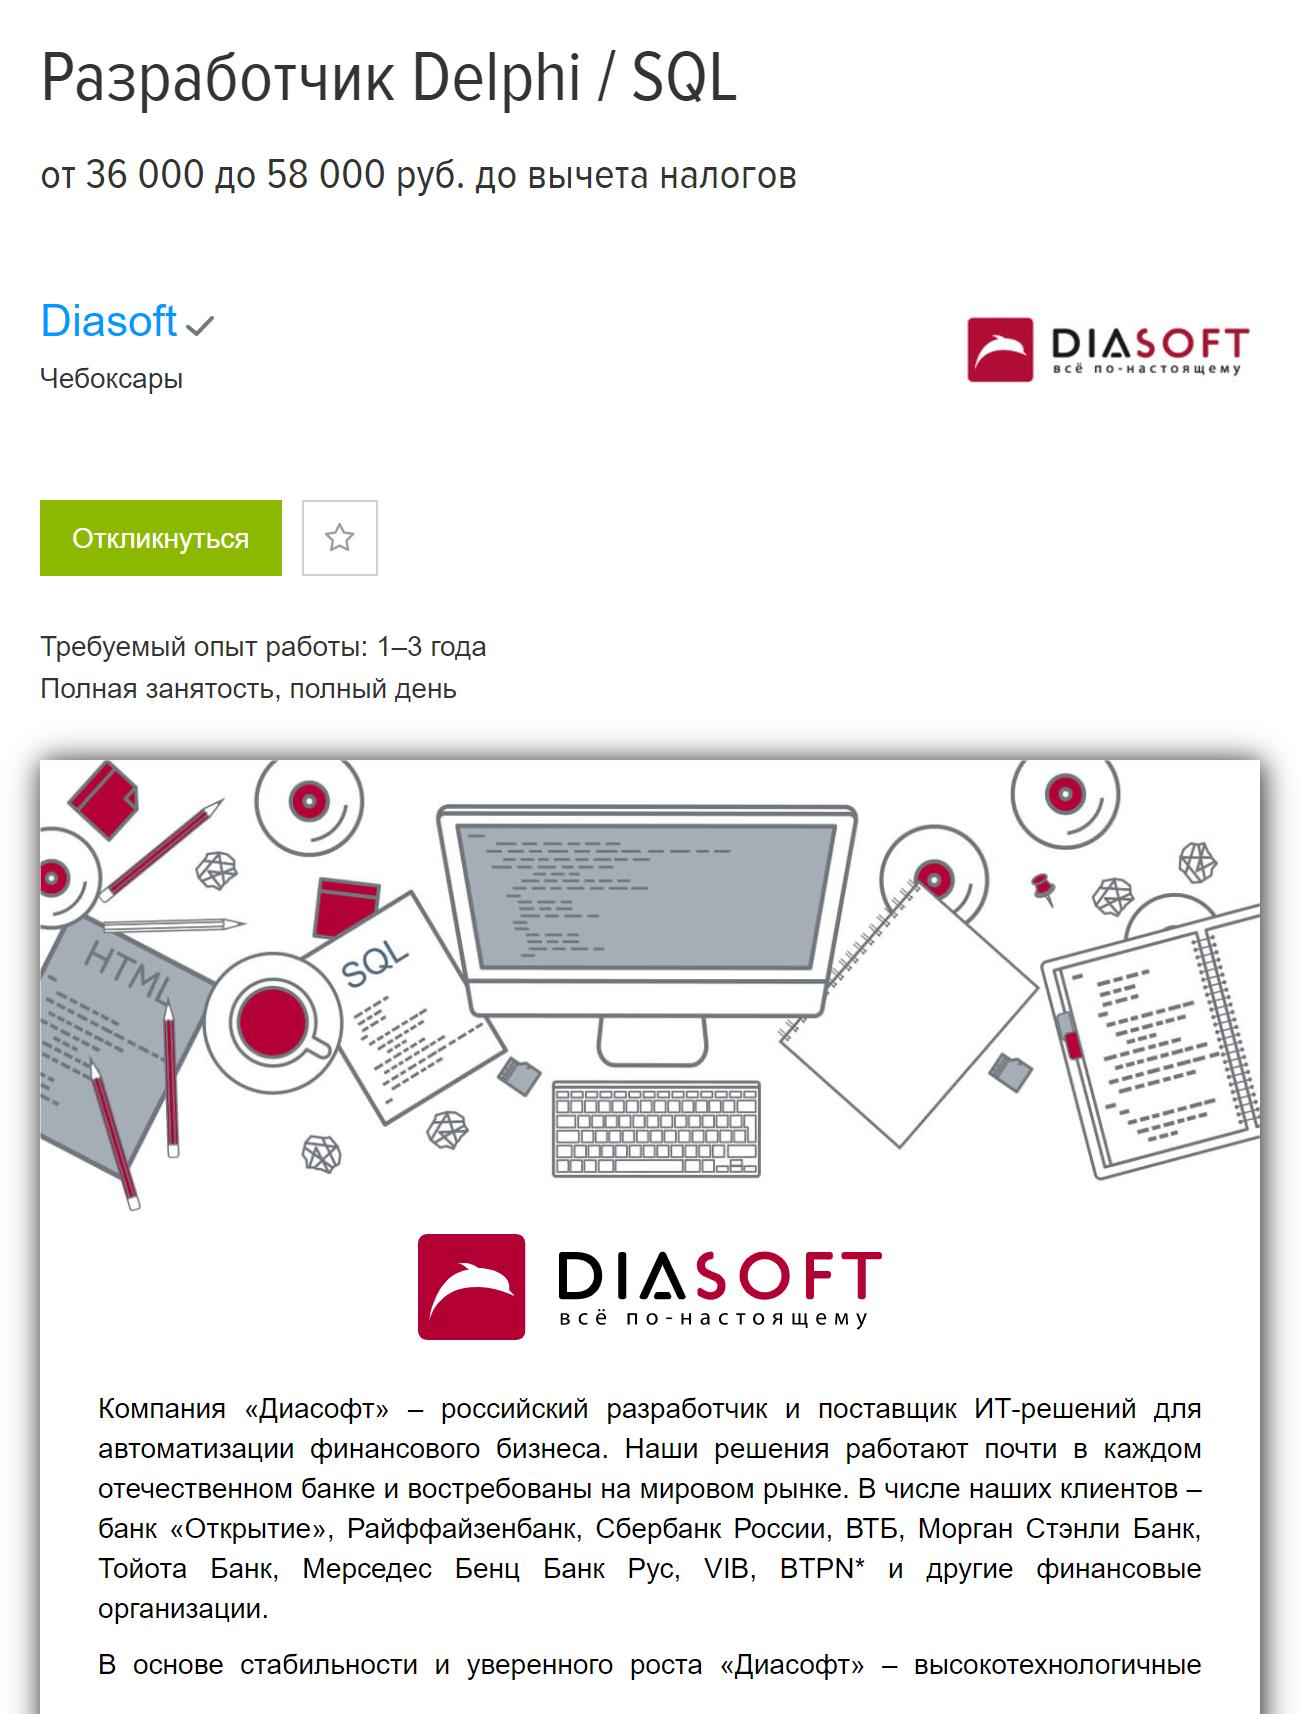 Неплохо зарабатывают программисты идругие специалисты вместных ИТ-компаниях. «Диасофт», например, занимается разработкой программного обеспечения длябанков